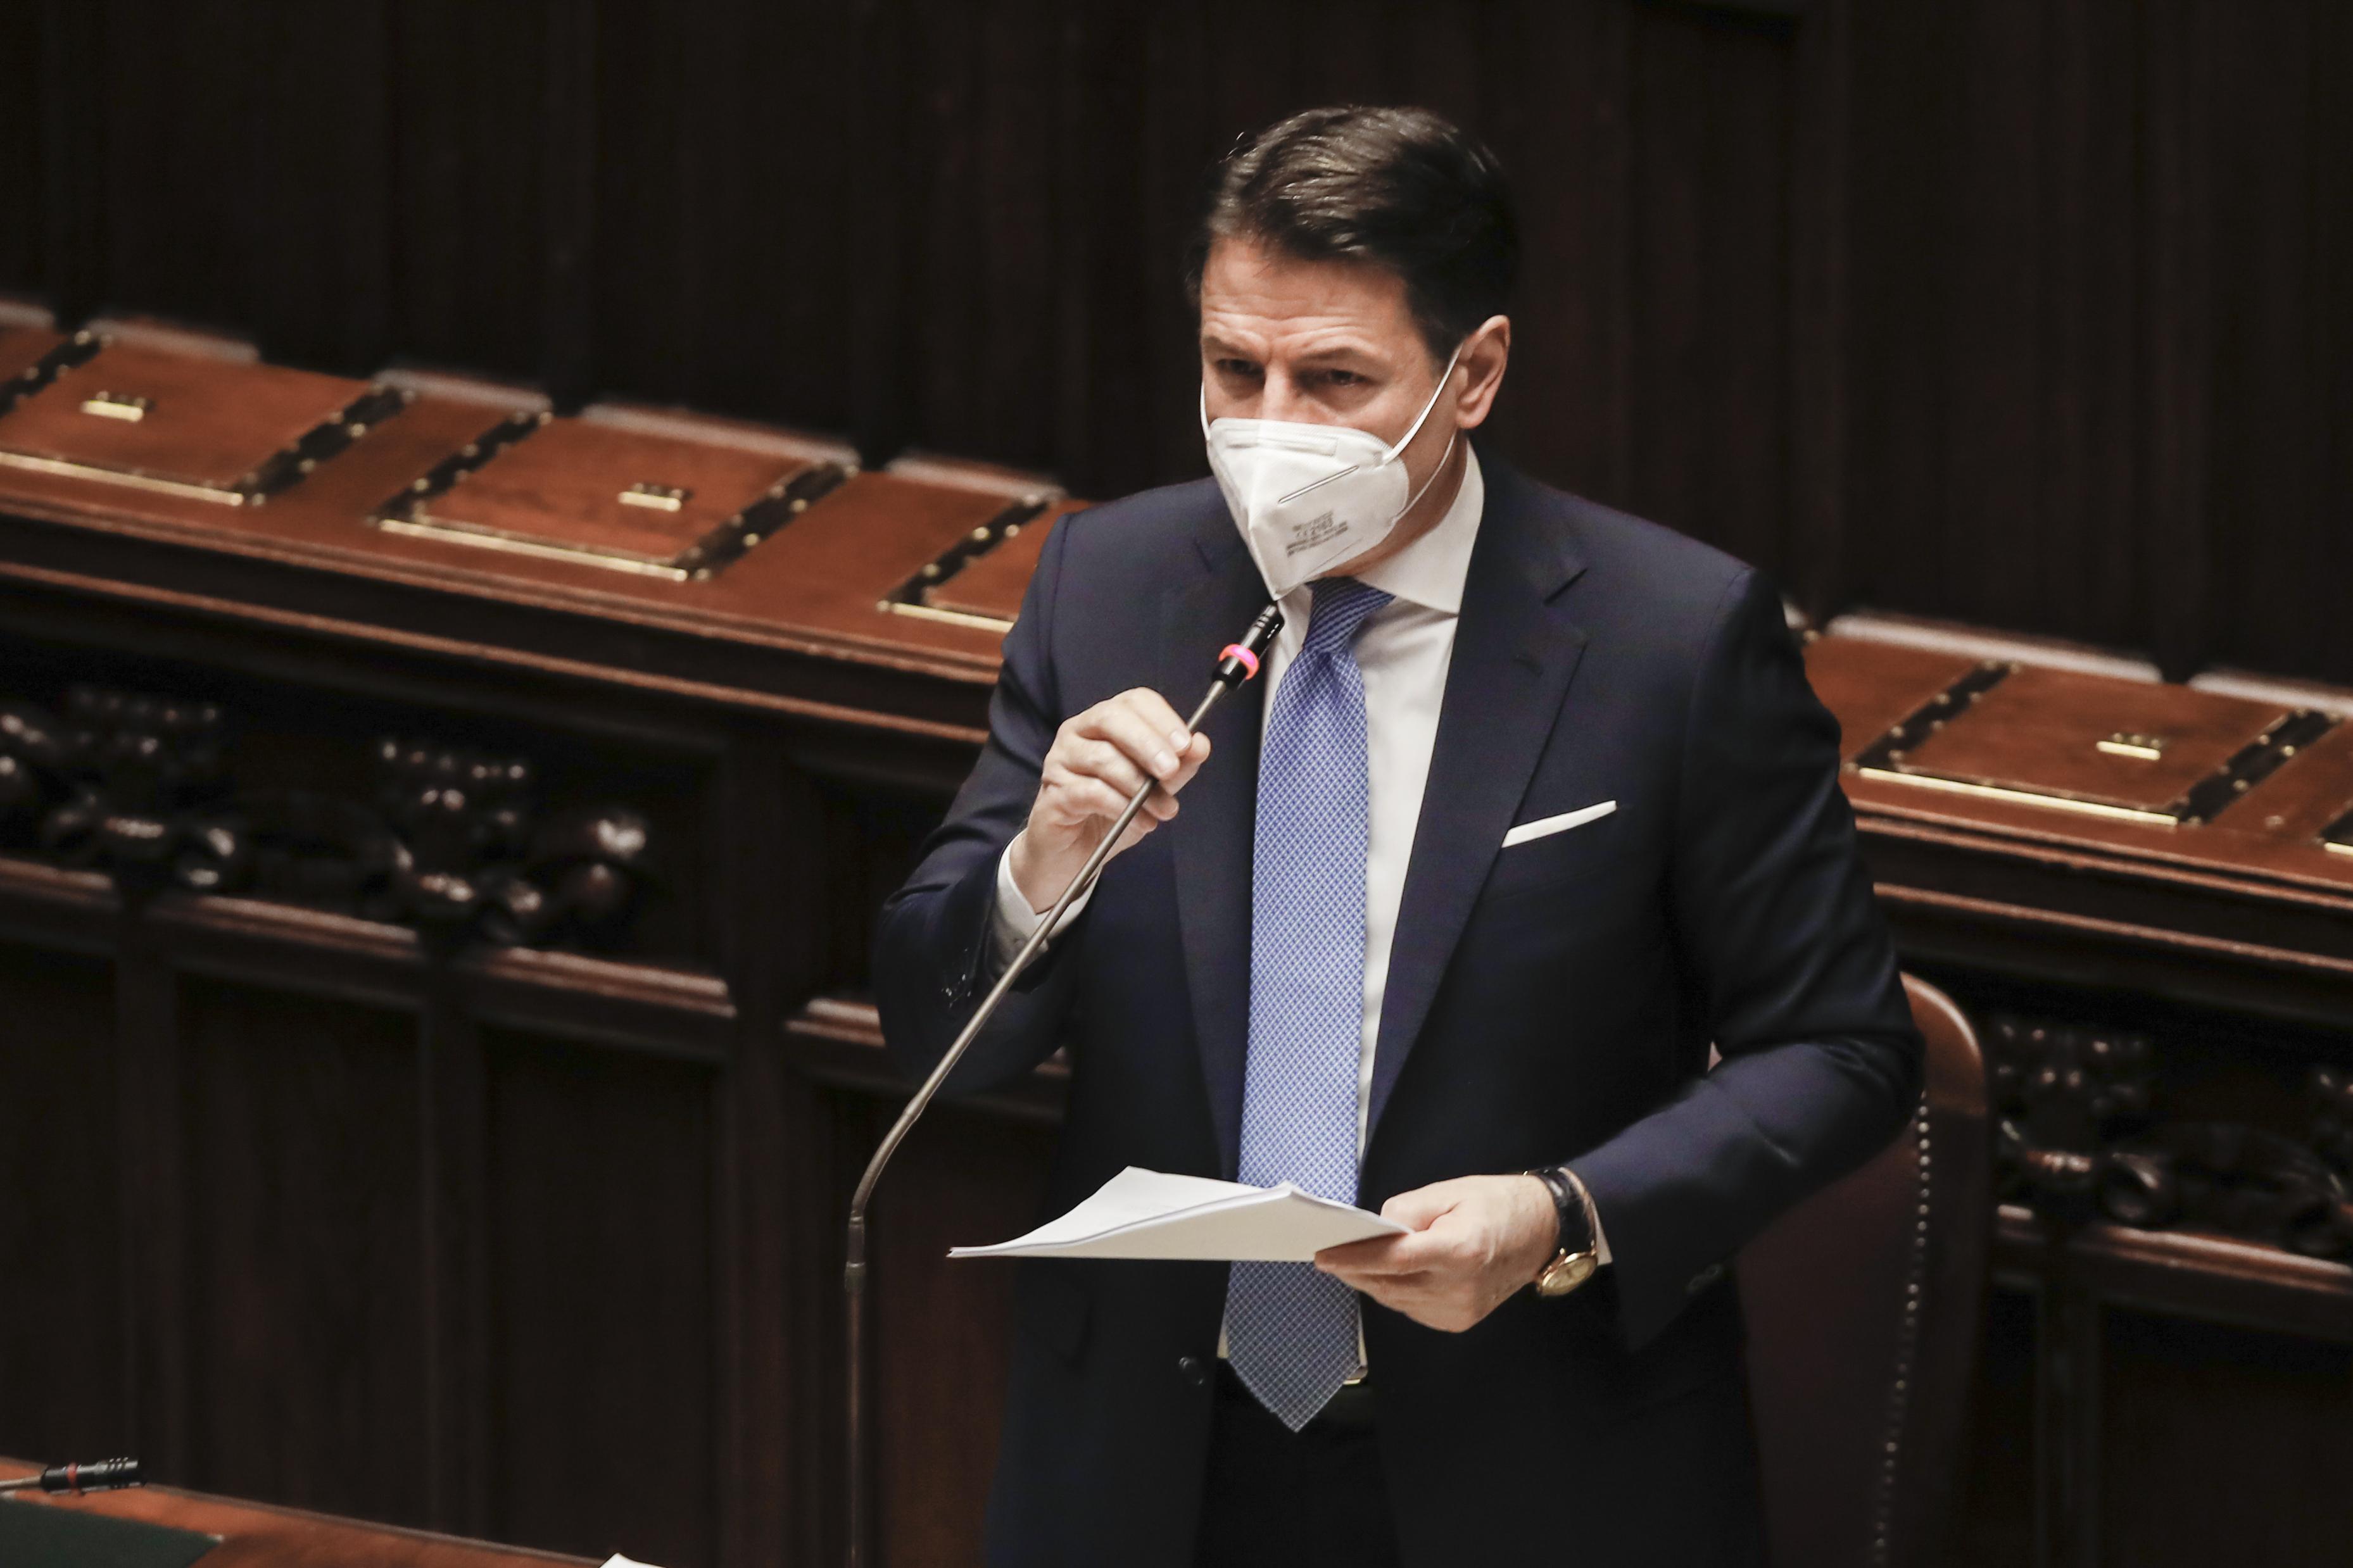 Giuseppe Conte olasz baloldali kormányfő benyújtotta lemondását